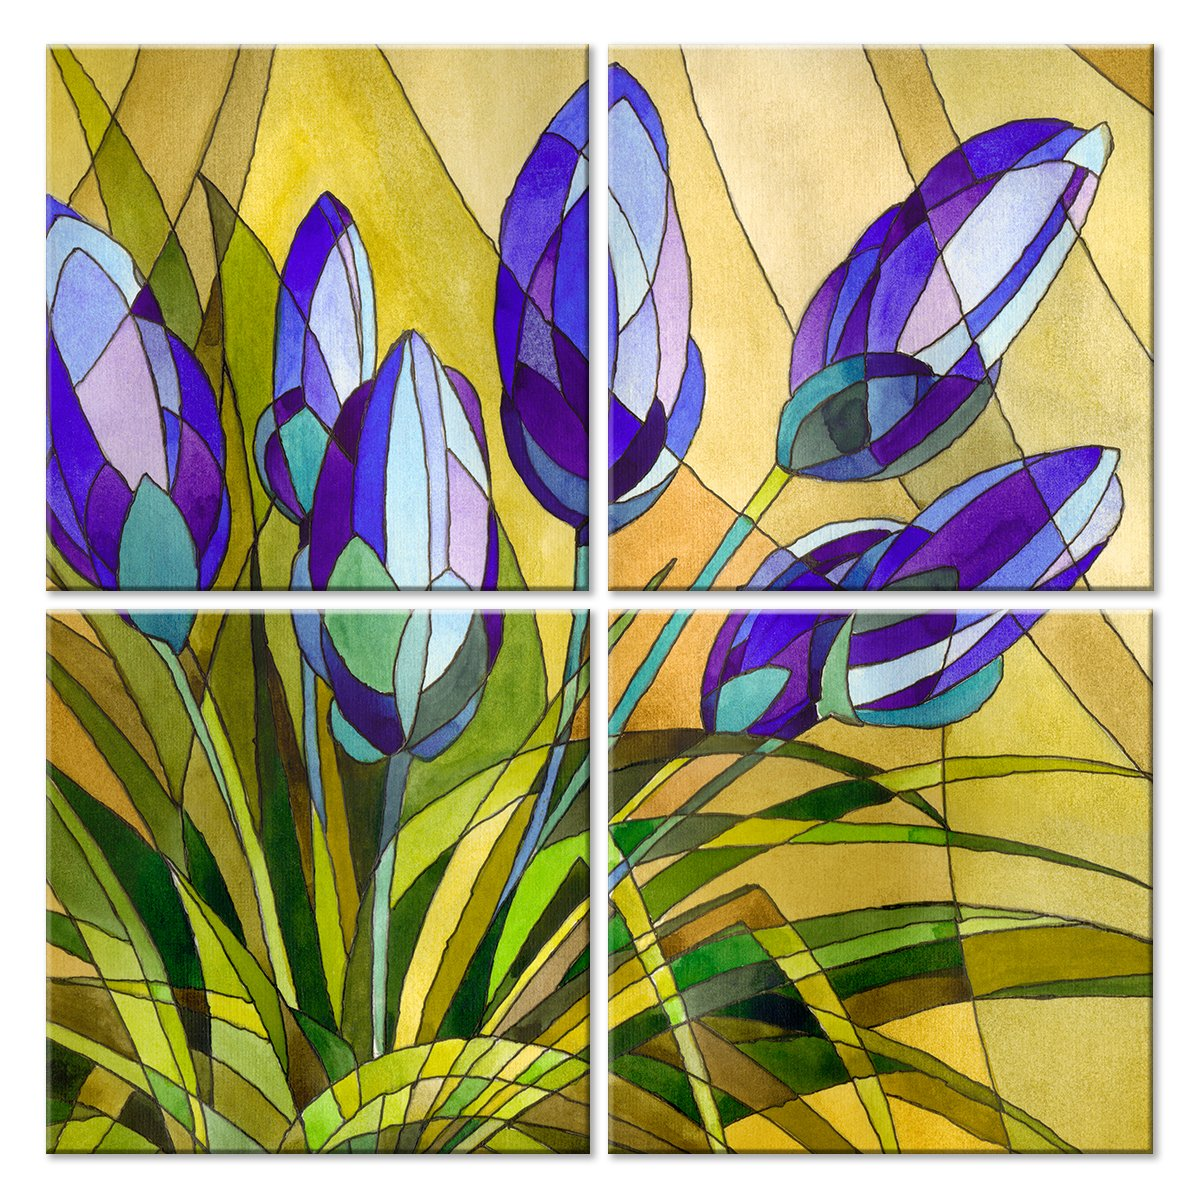 Модульная картина «Цветочный витраж»Цветы<br>Модульная картина на натуральном холсте и деревянном подрамнике. Подвес в комплекте. Трехслойная надежная упаковка. Доставим в любую точку России. Вам осталось только повесить картину на стену!<br>